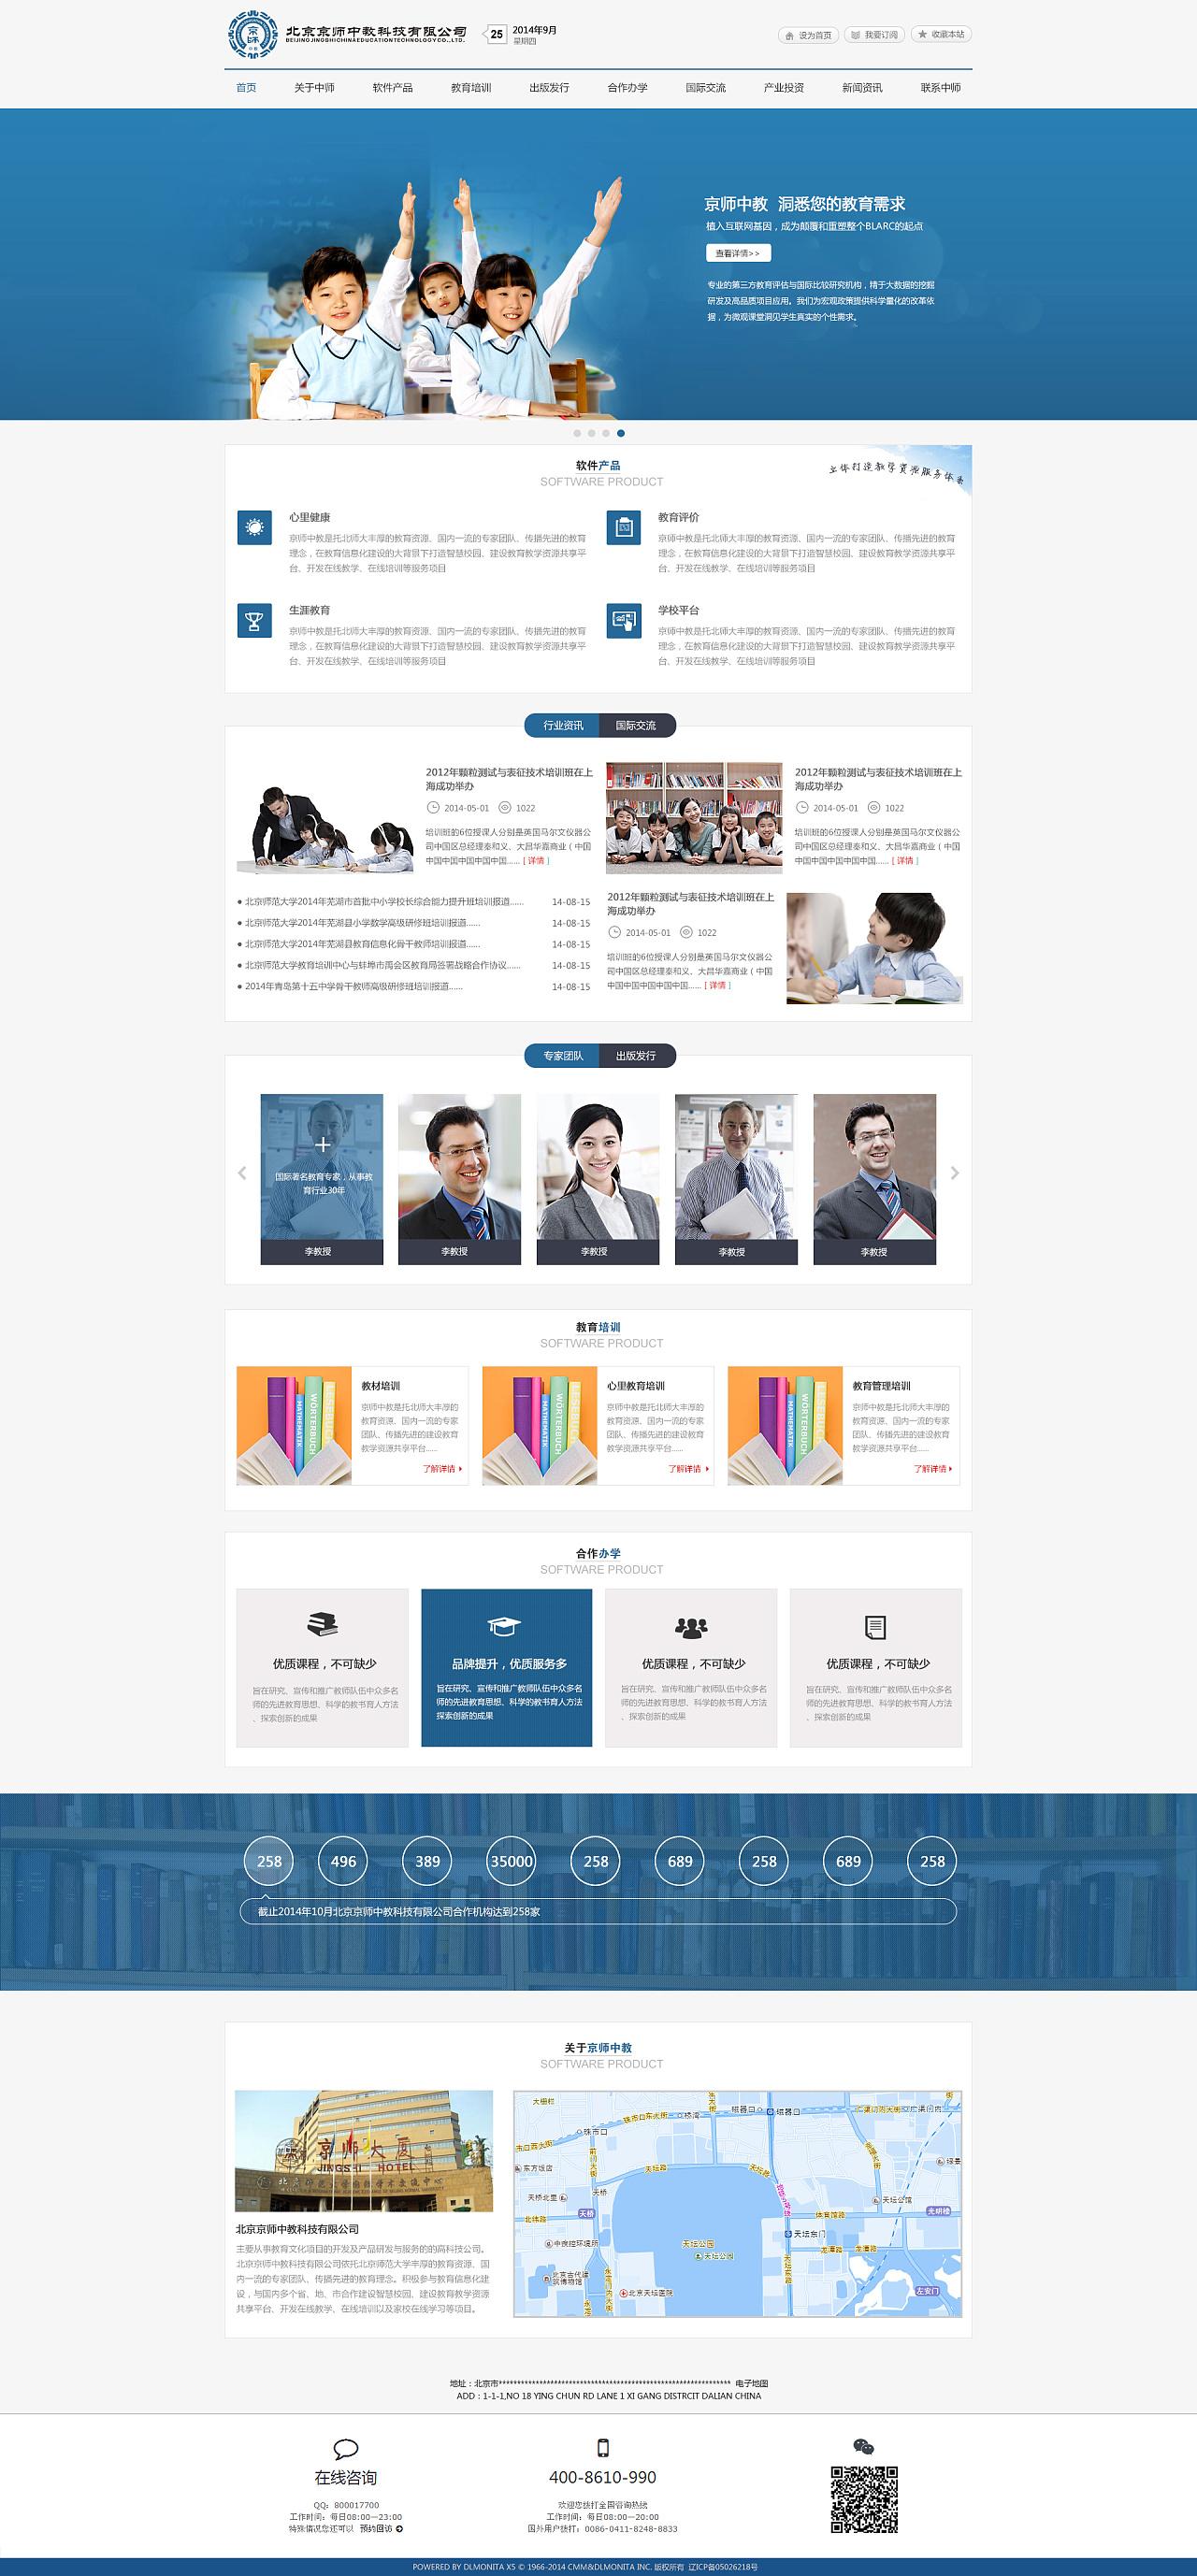 企业处理 方法 网页官网 天水男孩-原创室内设计京师的教育柱子图片